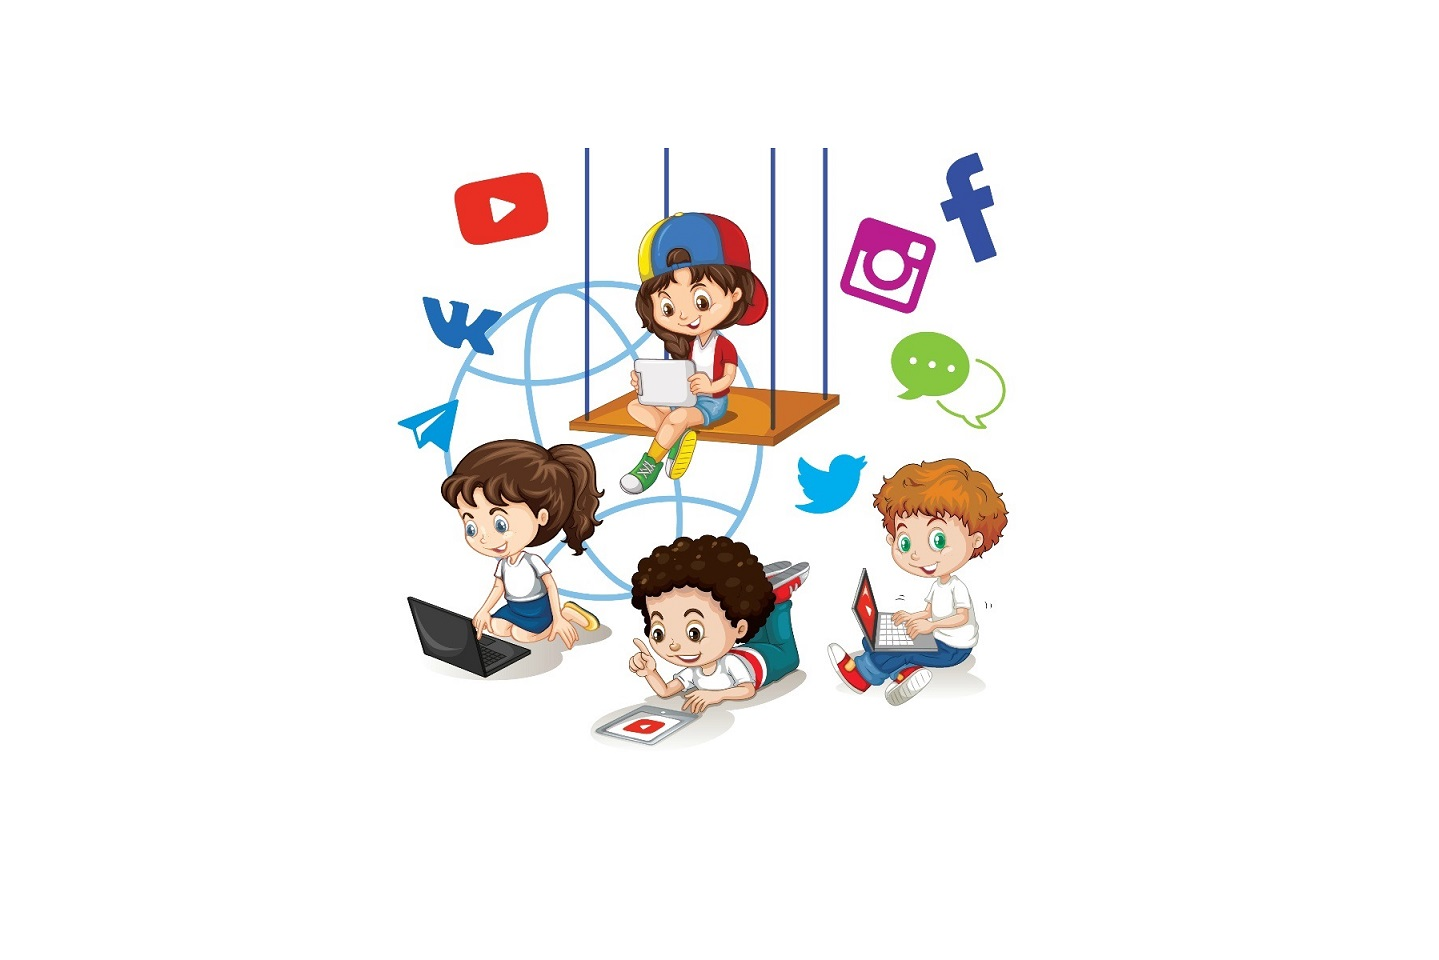 Безопасность детей в интернете - правила безопасности в сети интернет для  детей и подростков